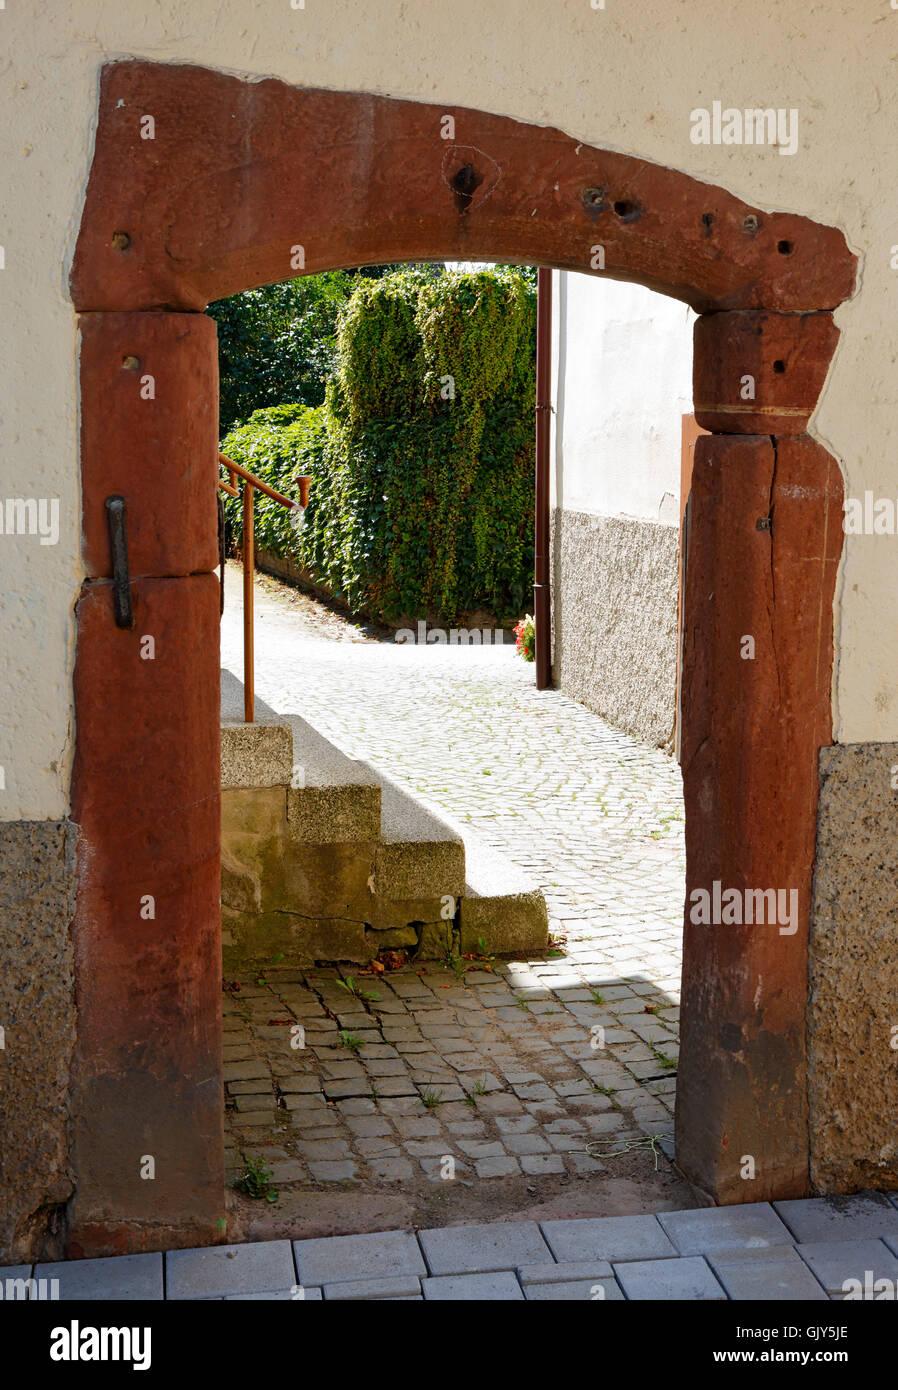 Unglaublich Wanddurchbruch Ideen Von Rhein-main-gebiet, Rheinland-pfalz, D-worms-ibersheim, Ibersheim Dorf, Historischen Gateway